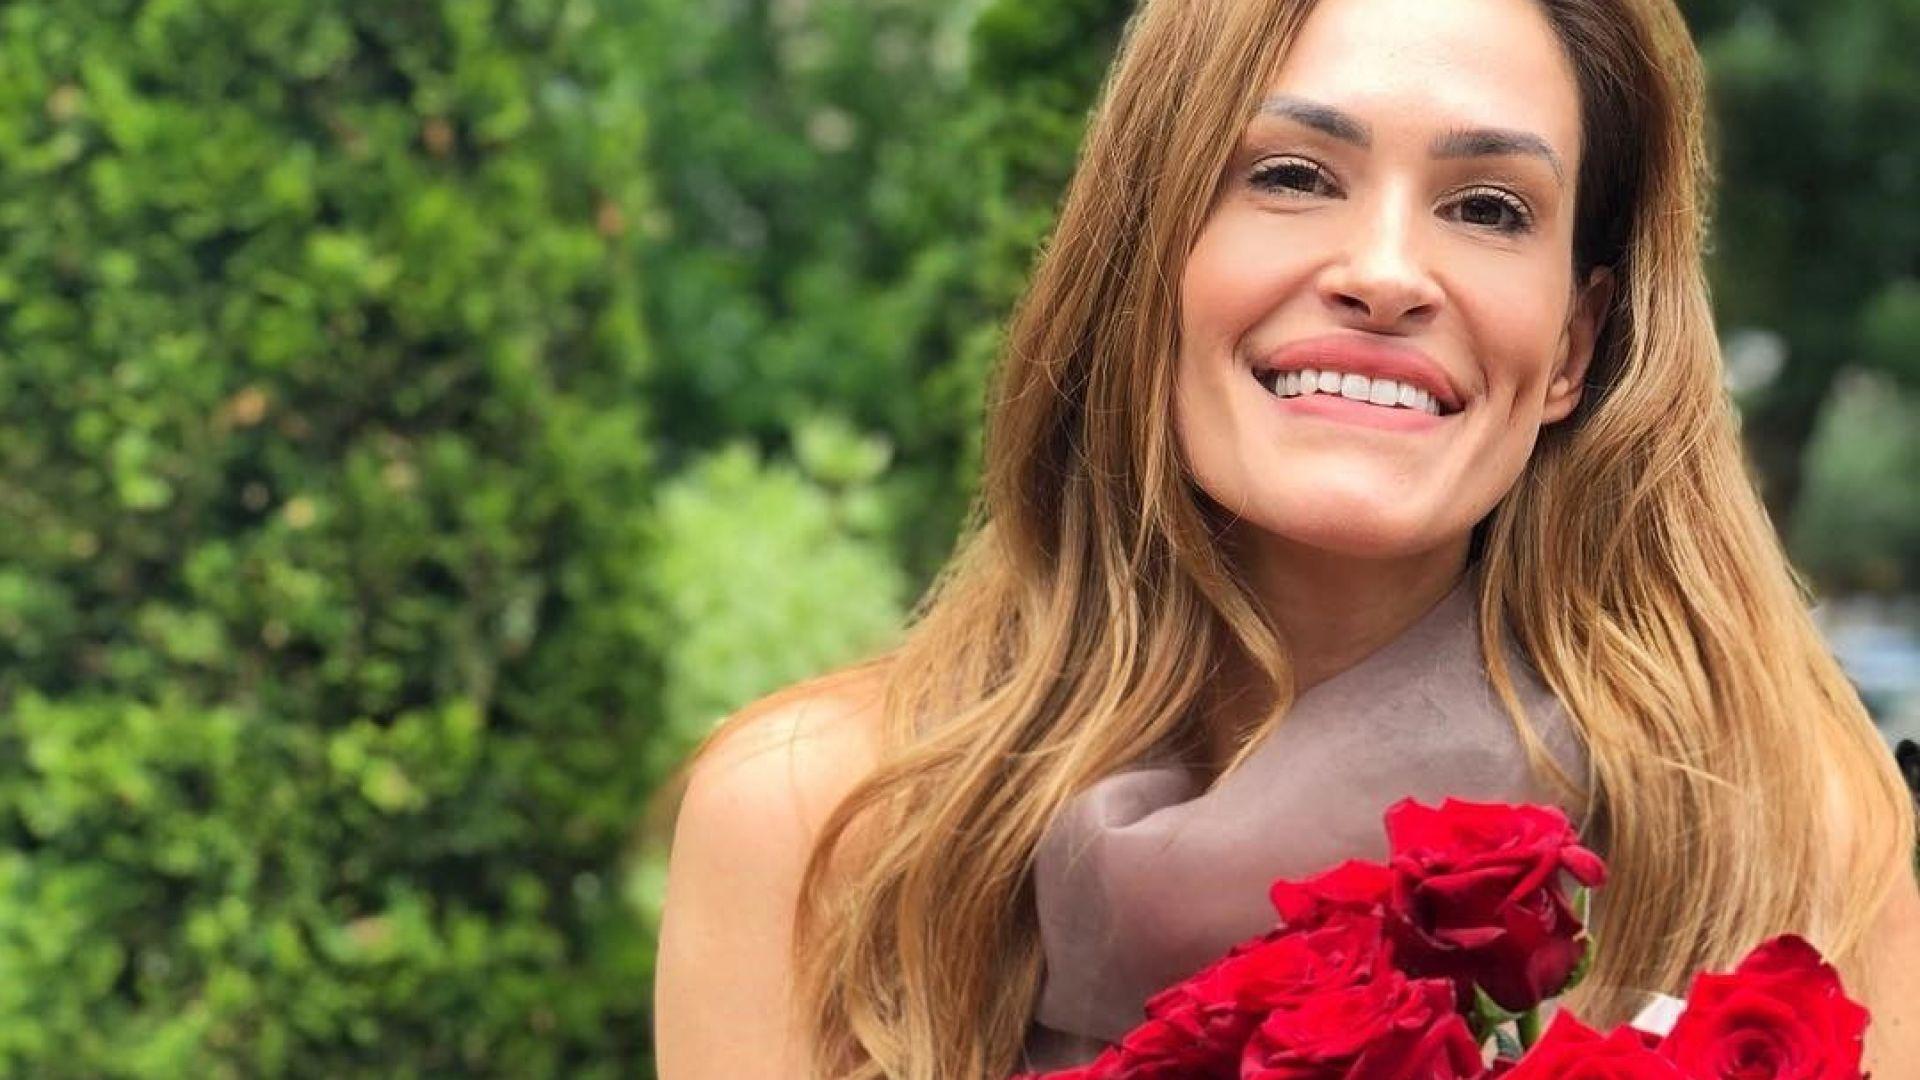 Теди Велинова празнува 40-и РД с огромен букет червени рози (снимки)